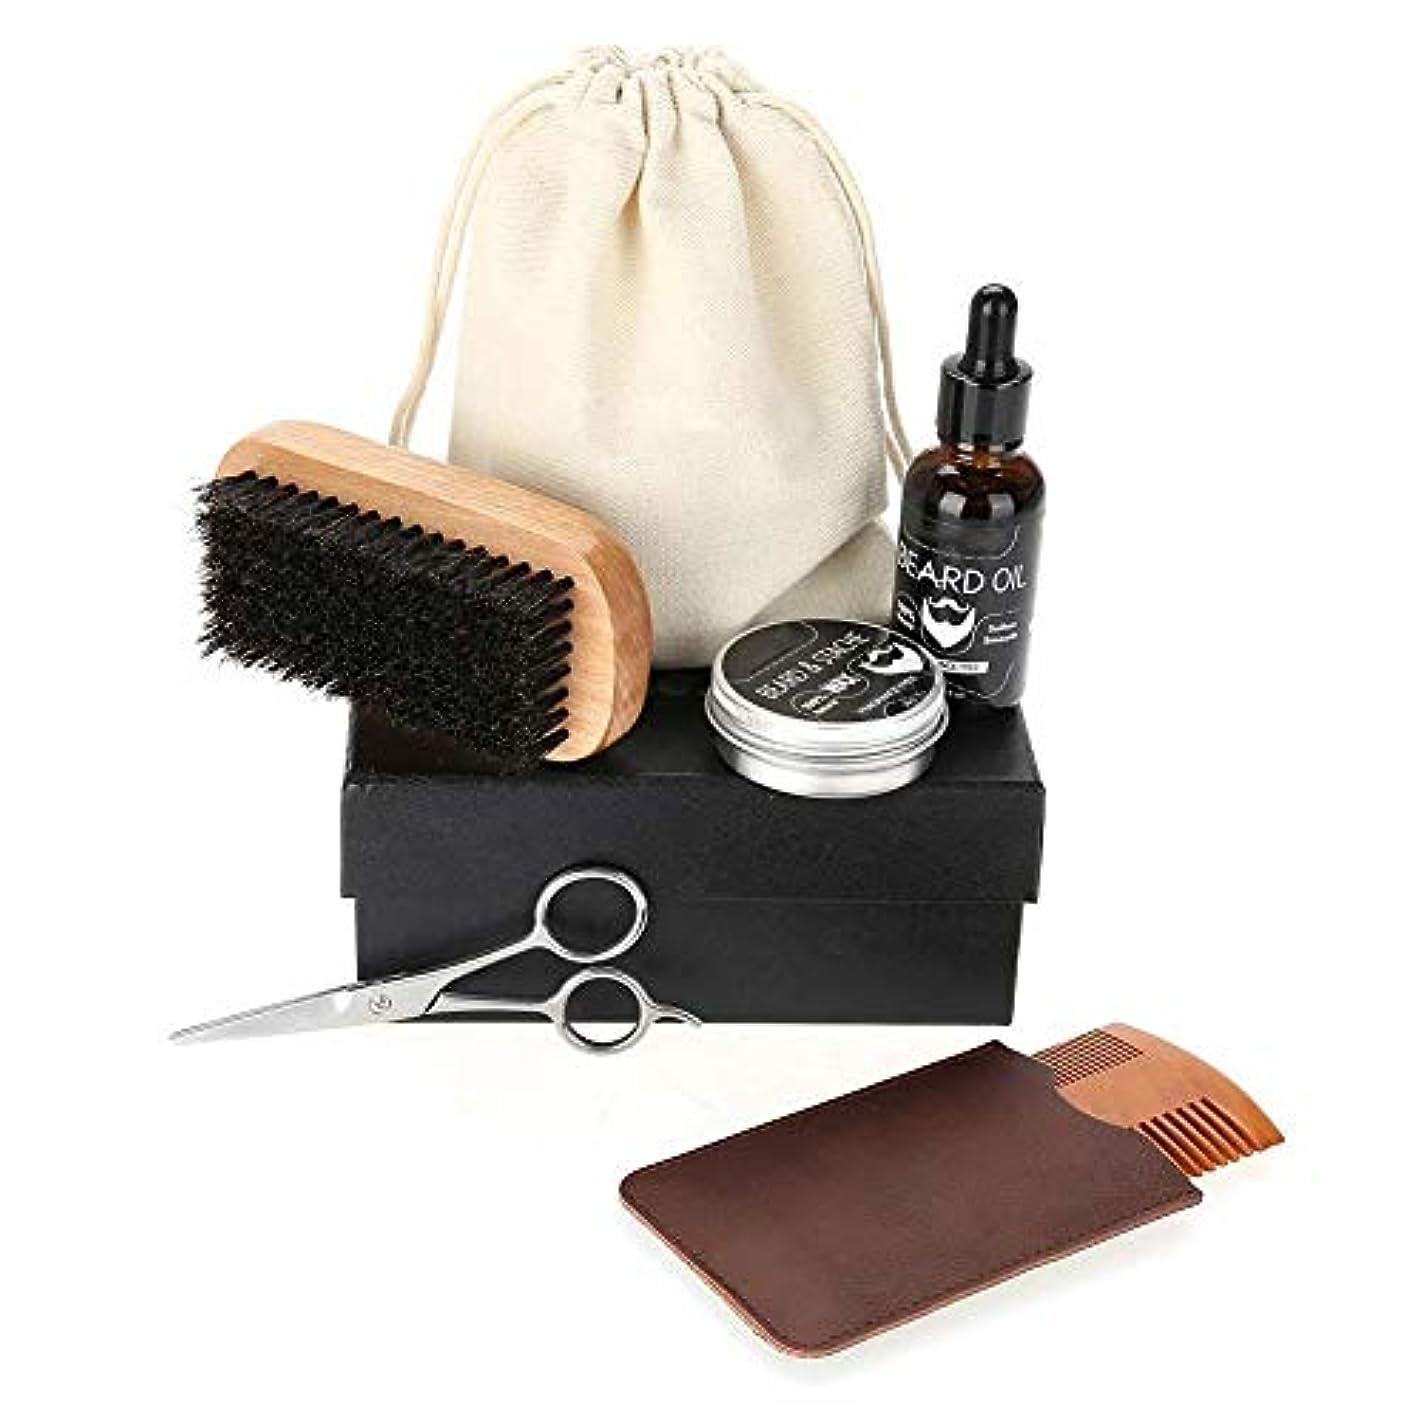 エンドテーブルシリアルガム7件セットひげケアキット、ひげ修理セット、男性ひげケアキット、はさみやひげブラシや収納袋などを付き、ミニ、軽量、家庭や旅行用などに最適